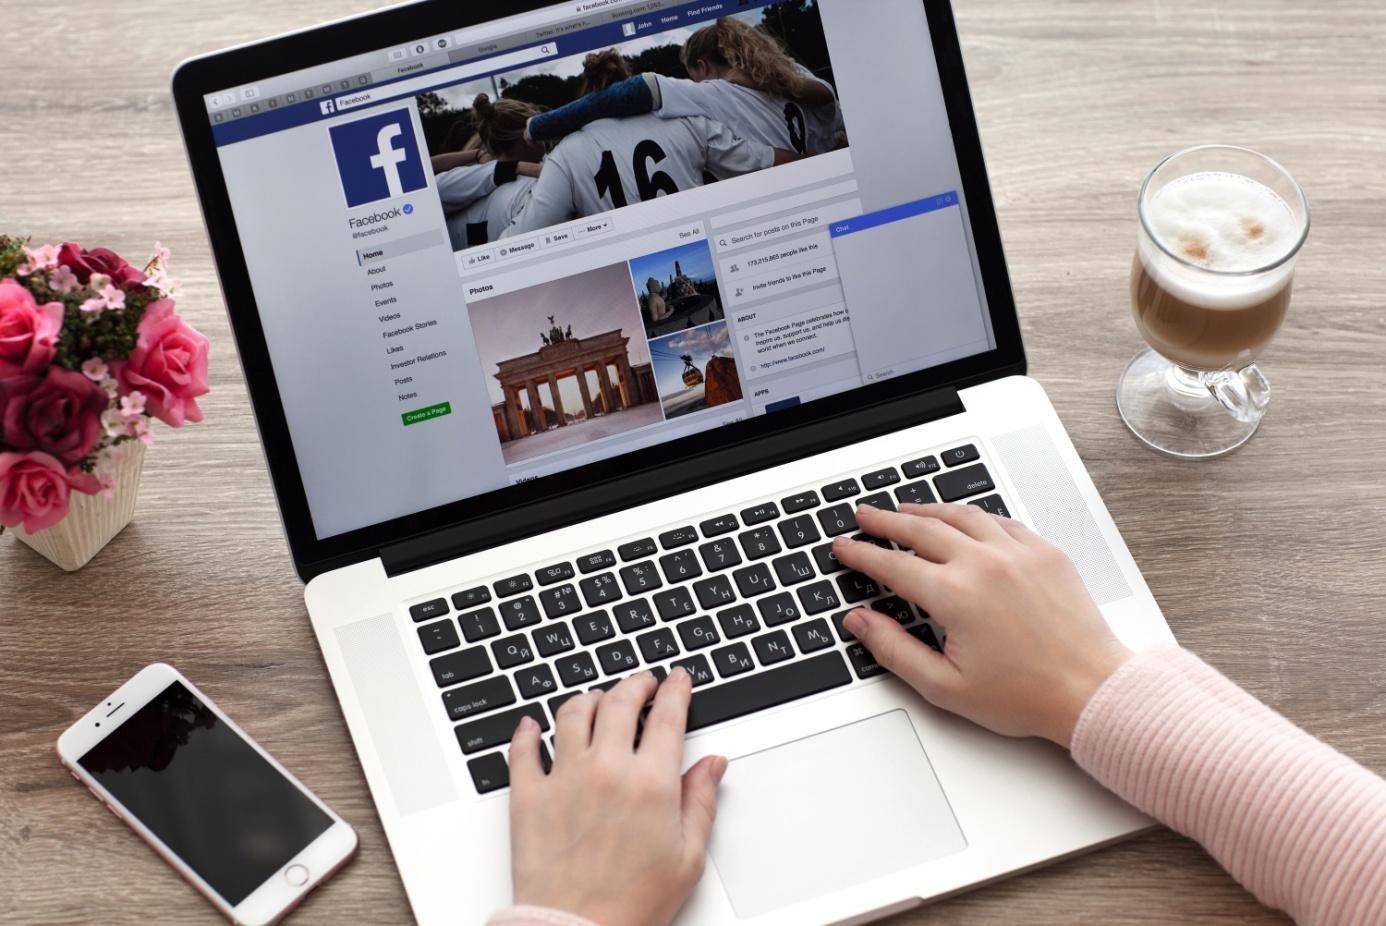 D:\Omnia Mea\для умных\freelance\Contenteam\june'21\facebook\tips-use-facebook-page-business-marketing.jpg